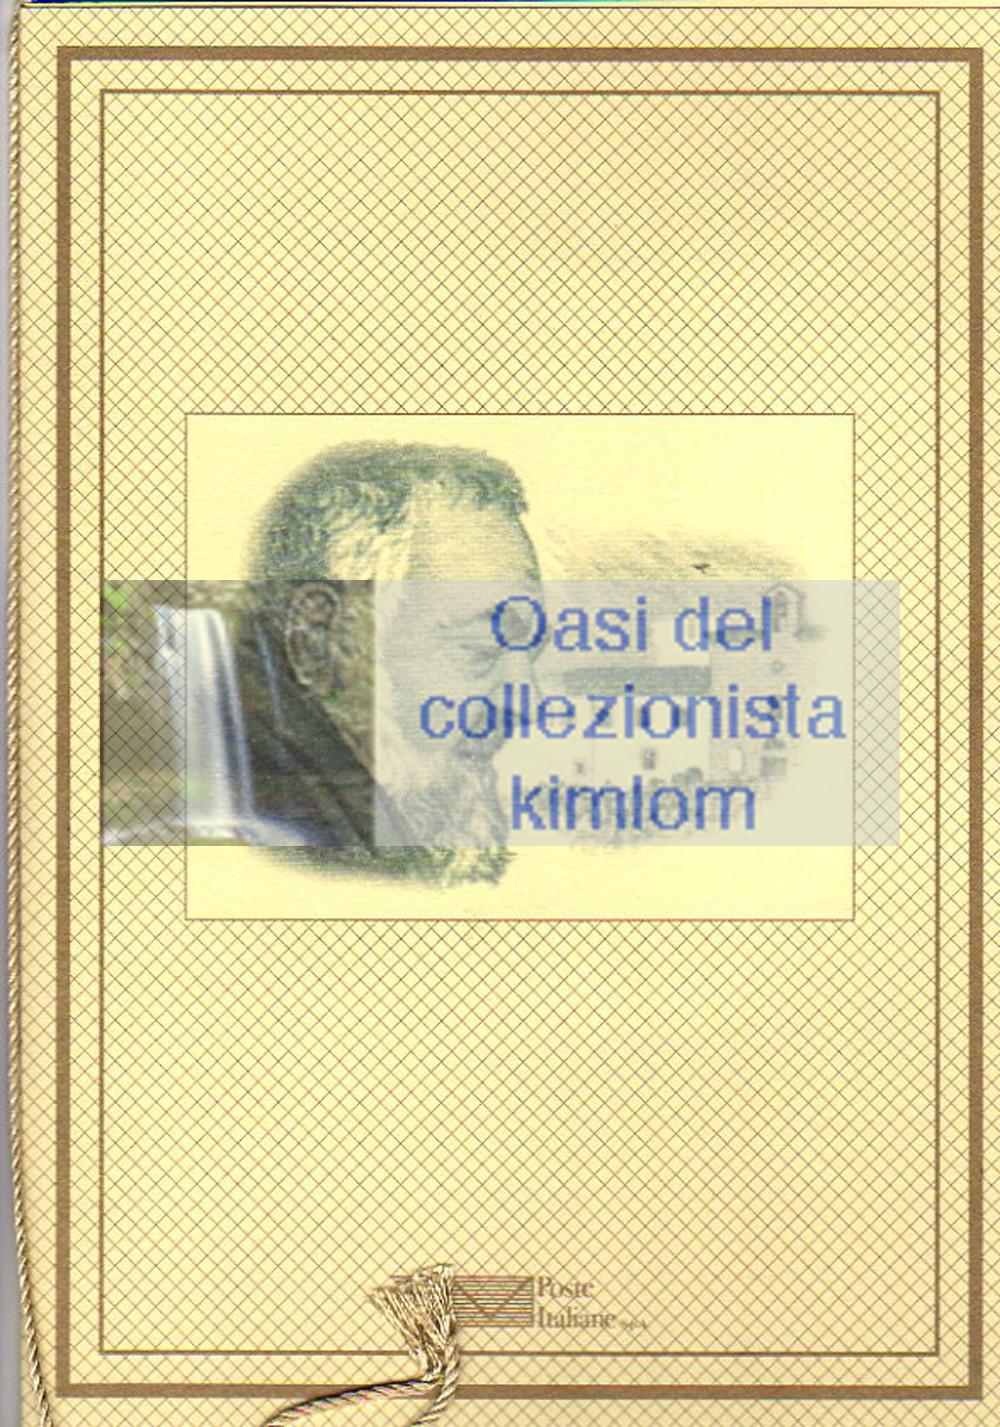 folder - Beatificazione Padre Pio da Pietralcina